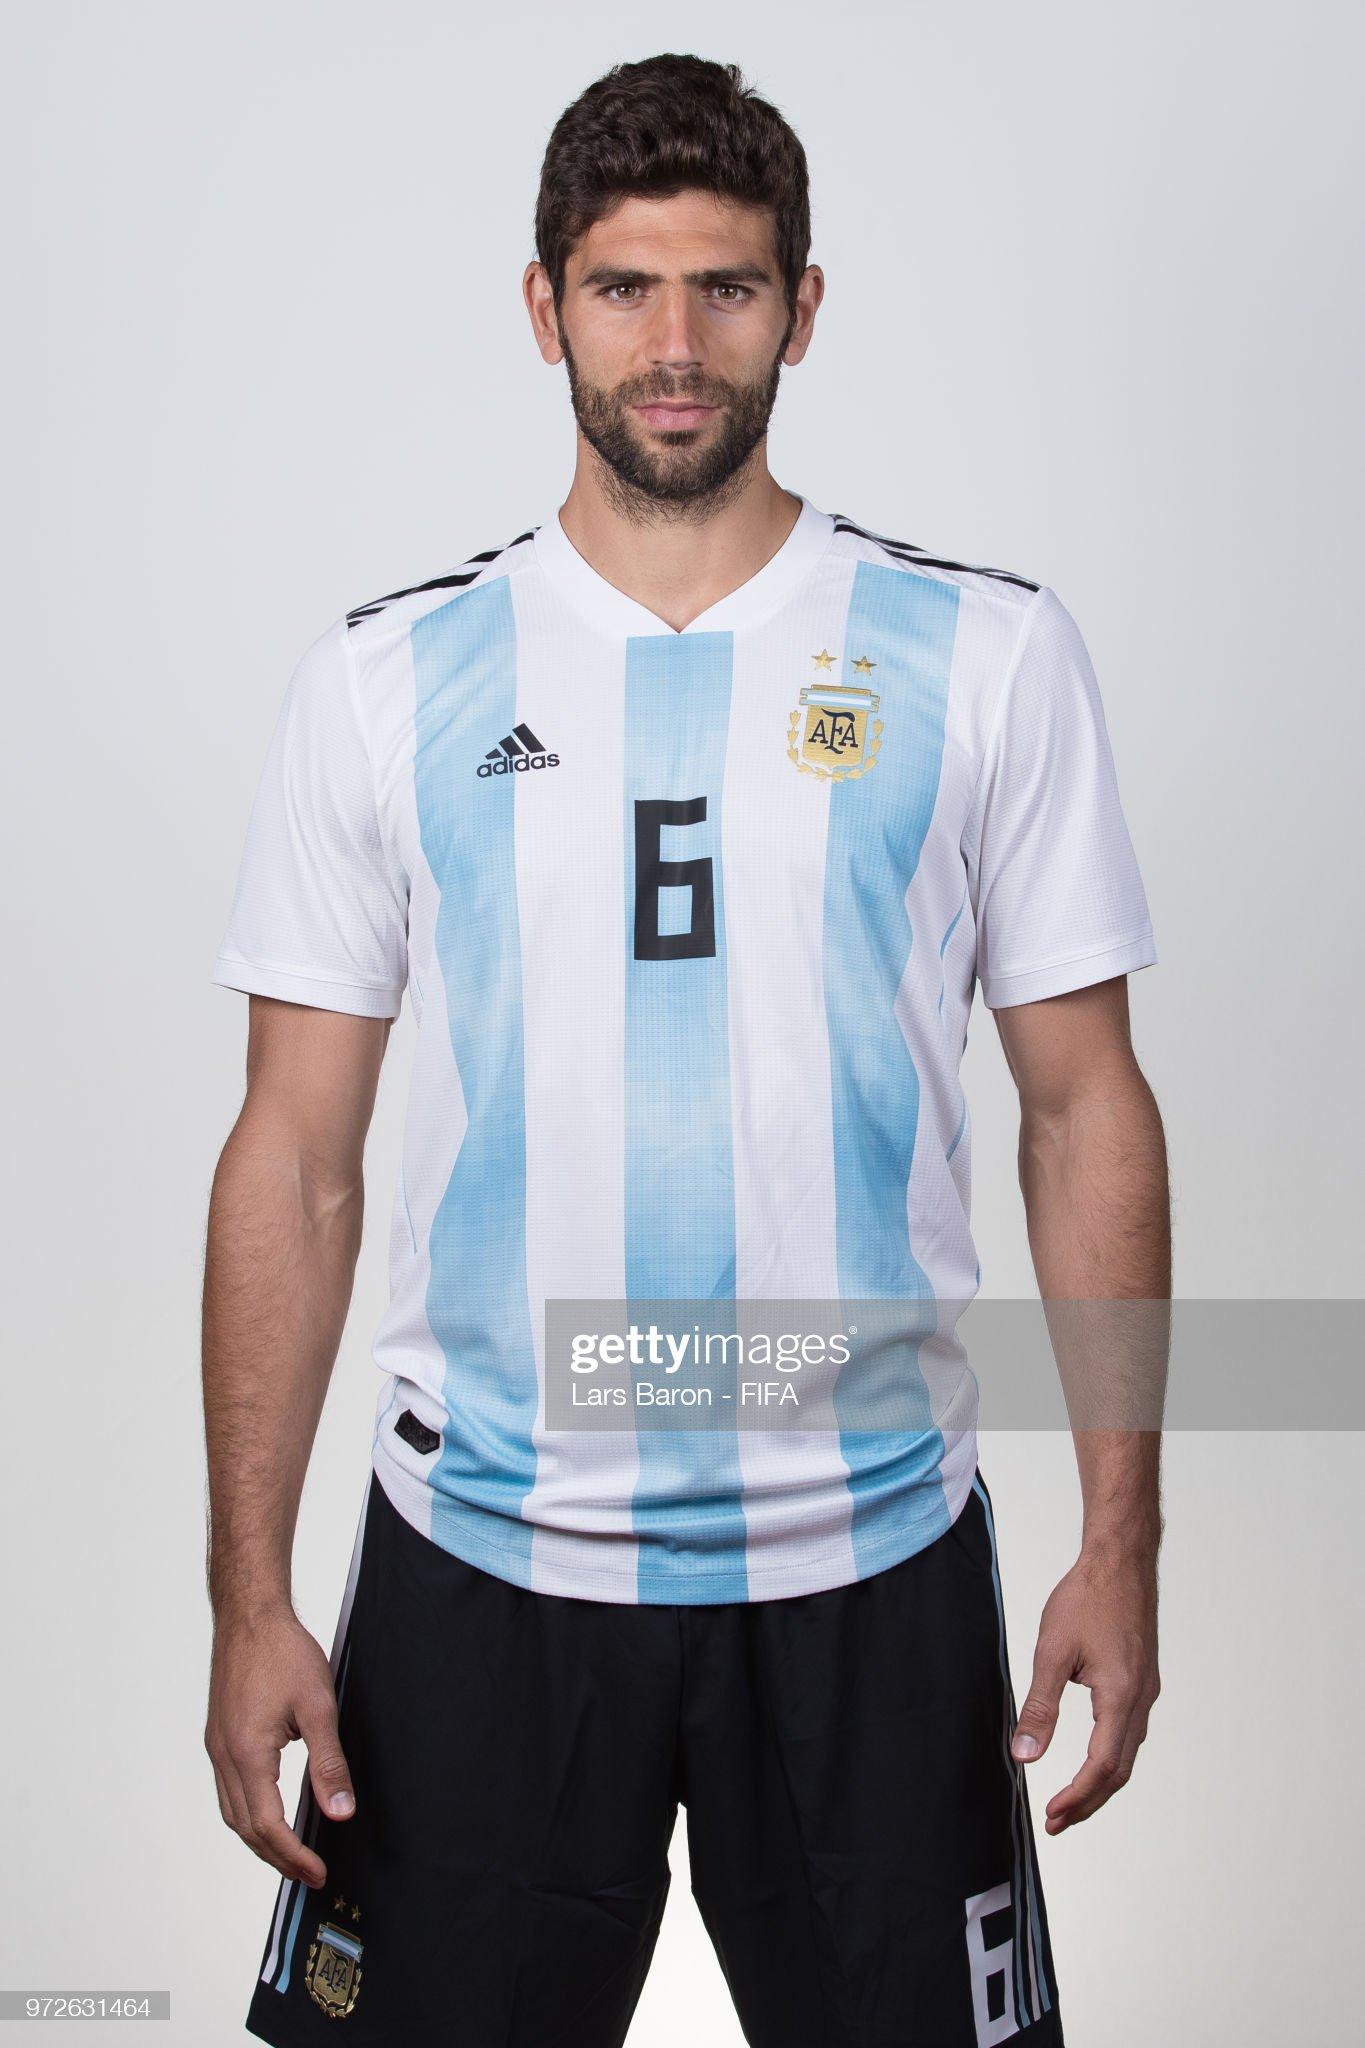 [Imagen: federico-fazio-of-argentina-poses-for-a-...=2048x2048]